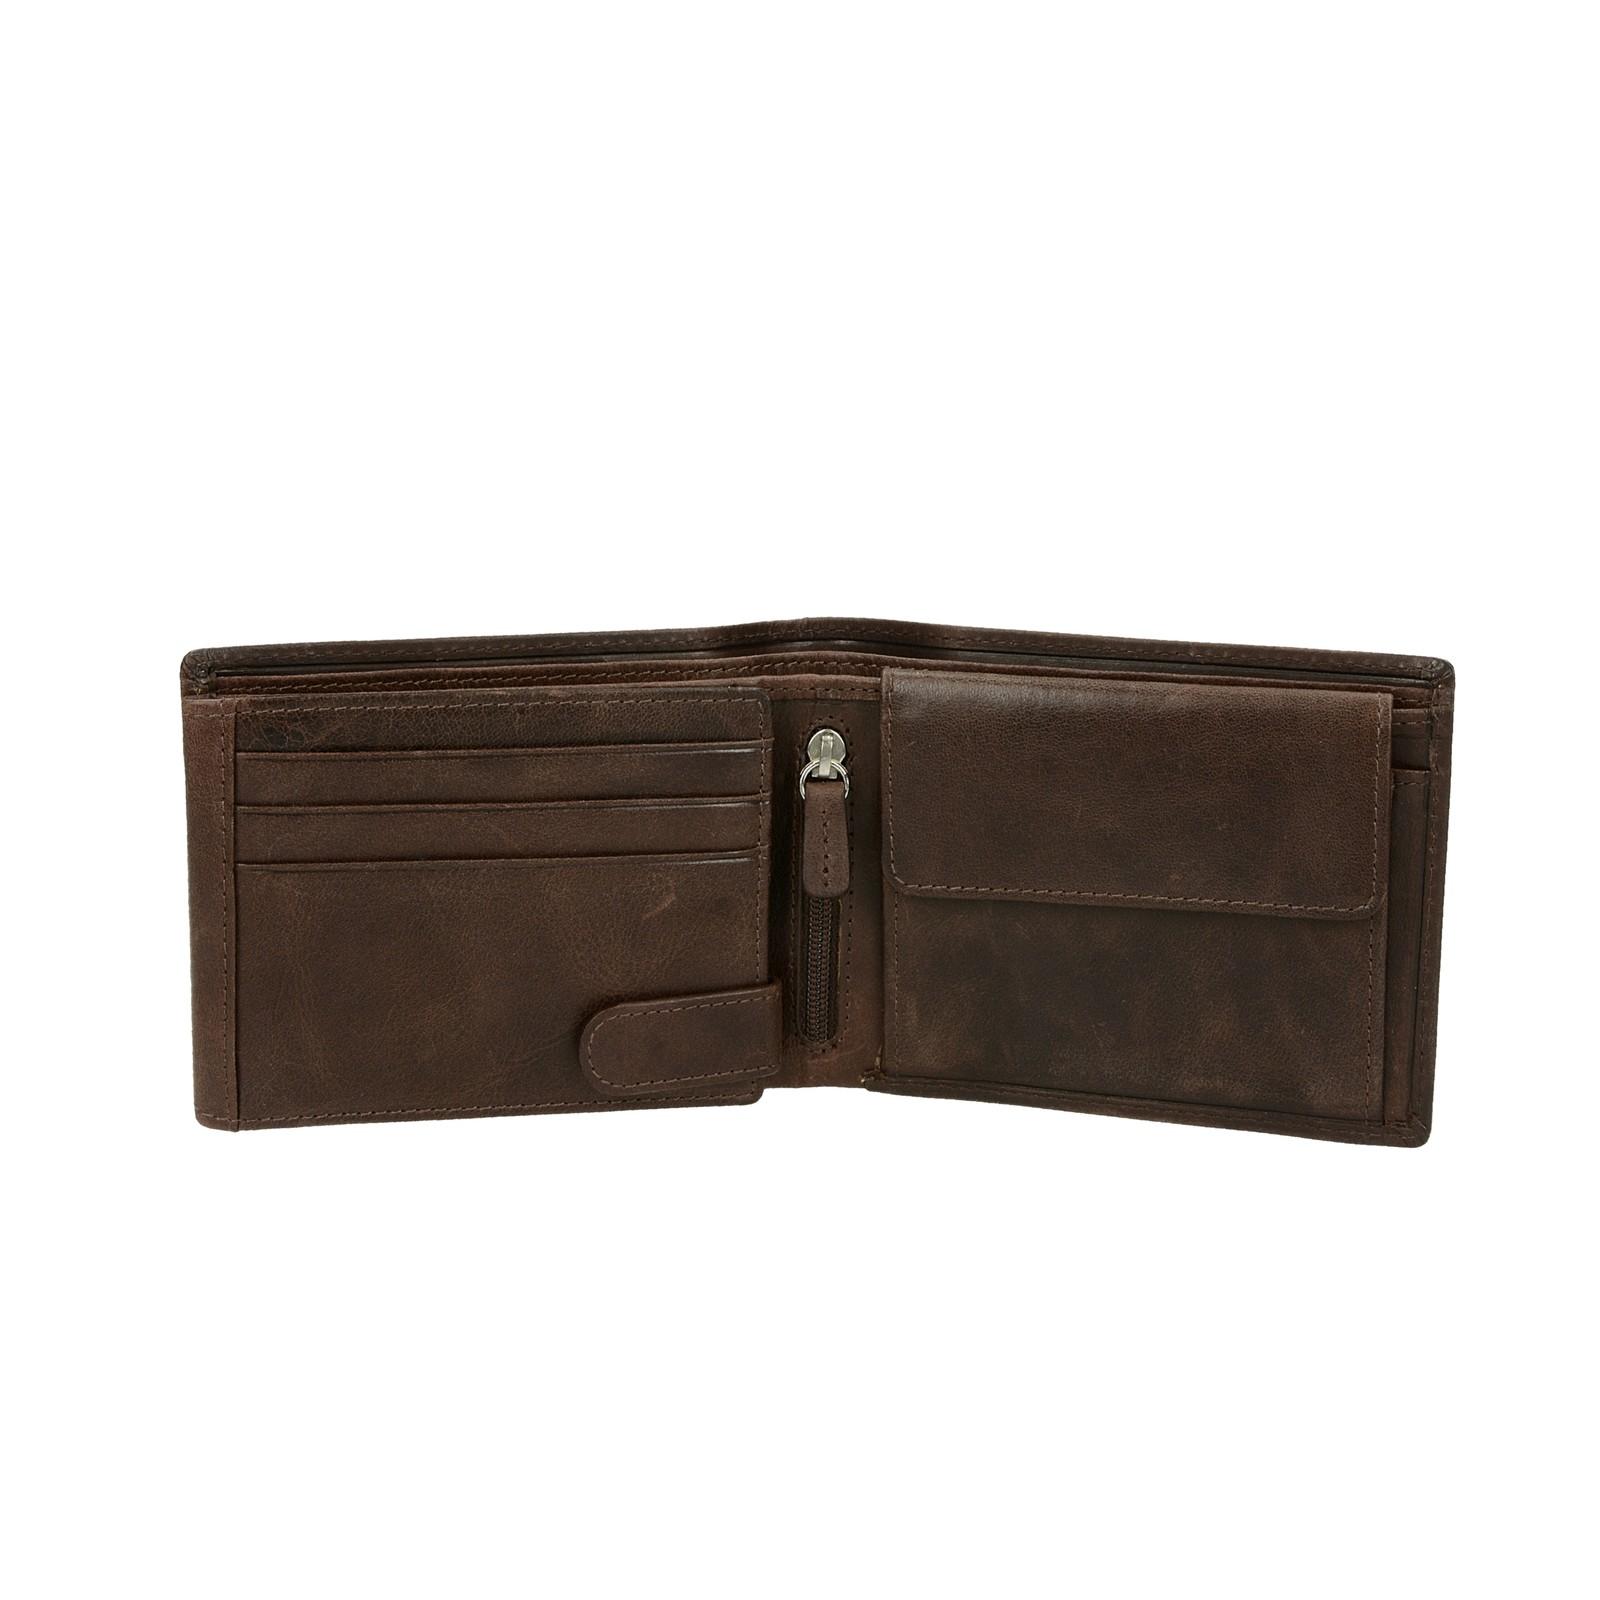 Metropoli pánska kožená peňaženka - hnedá